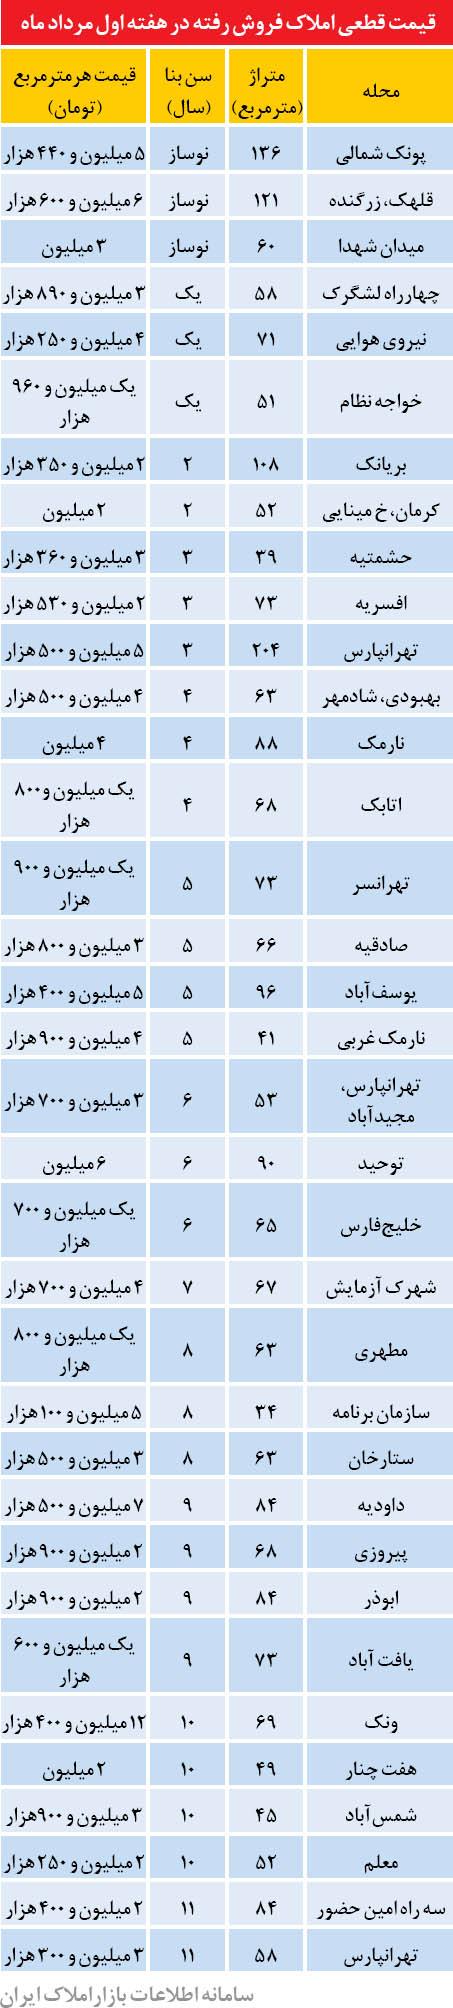 قیمت آپارتمان در تهران +جدول